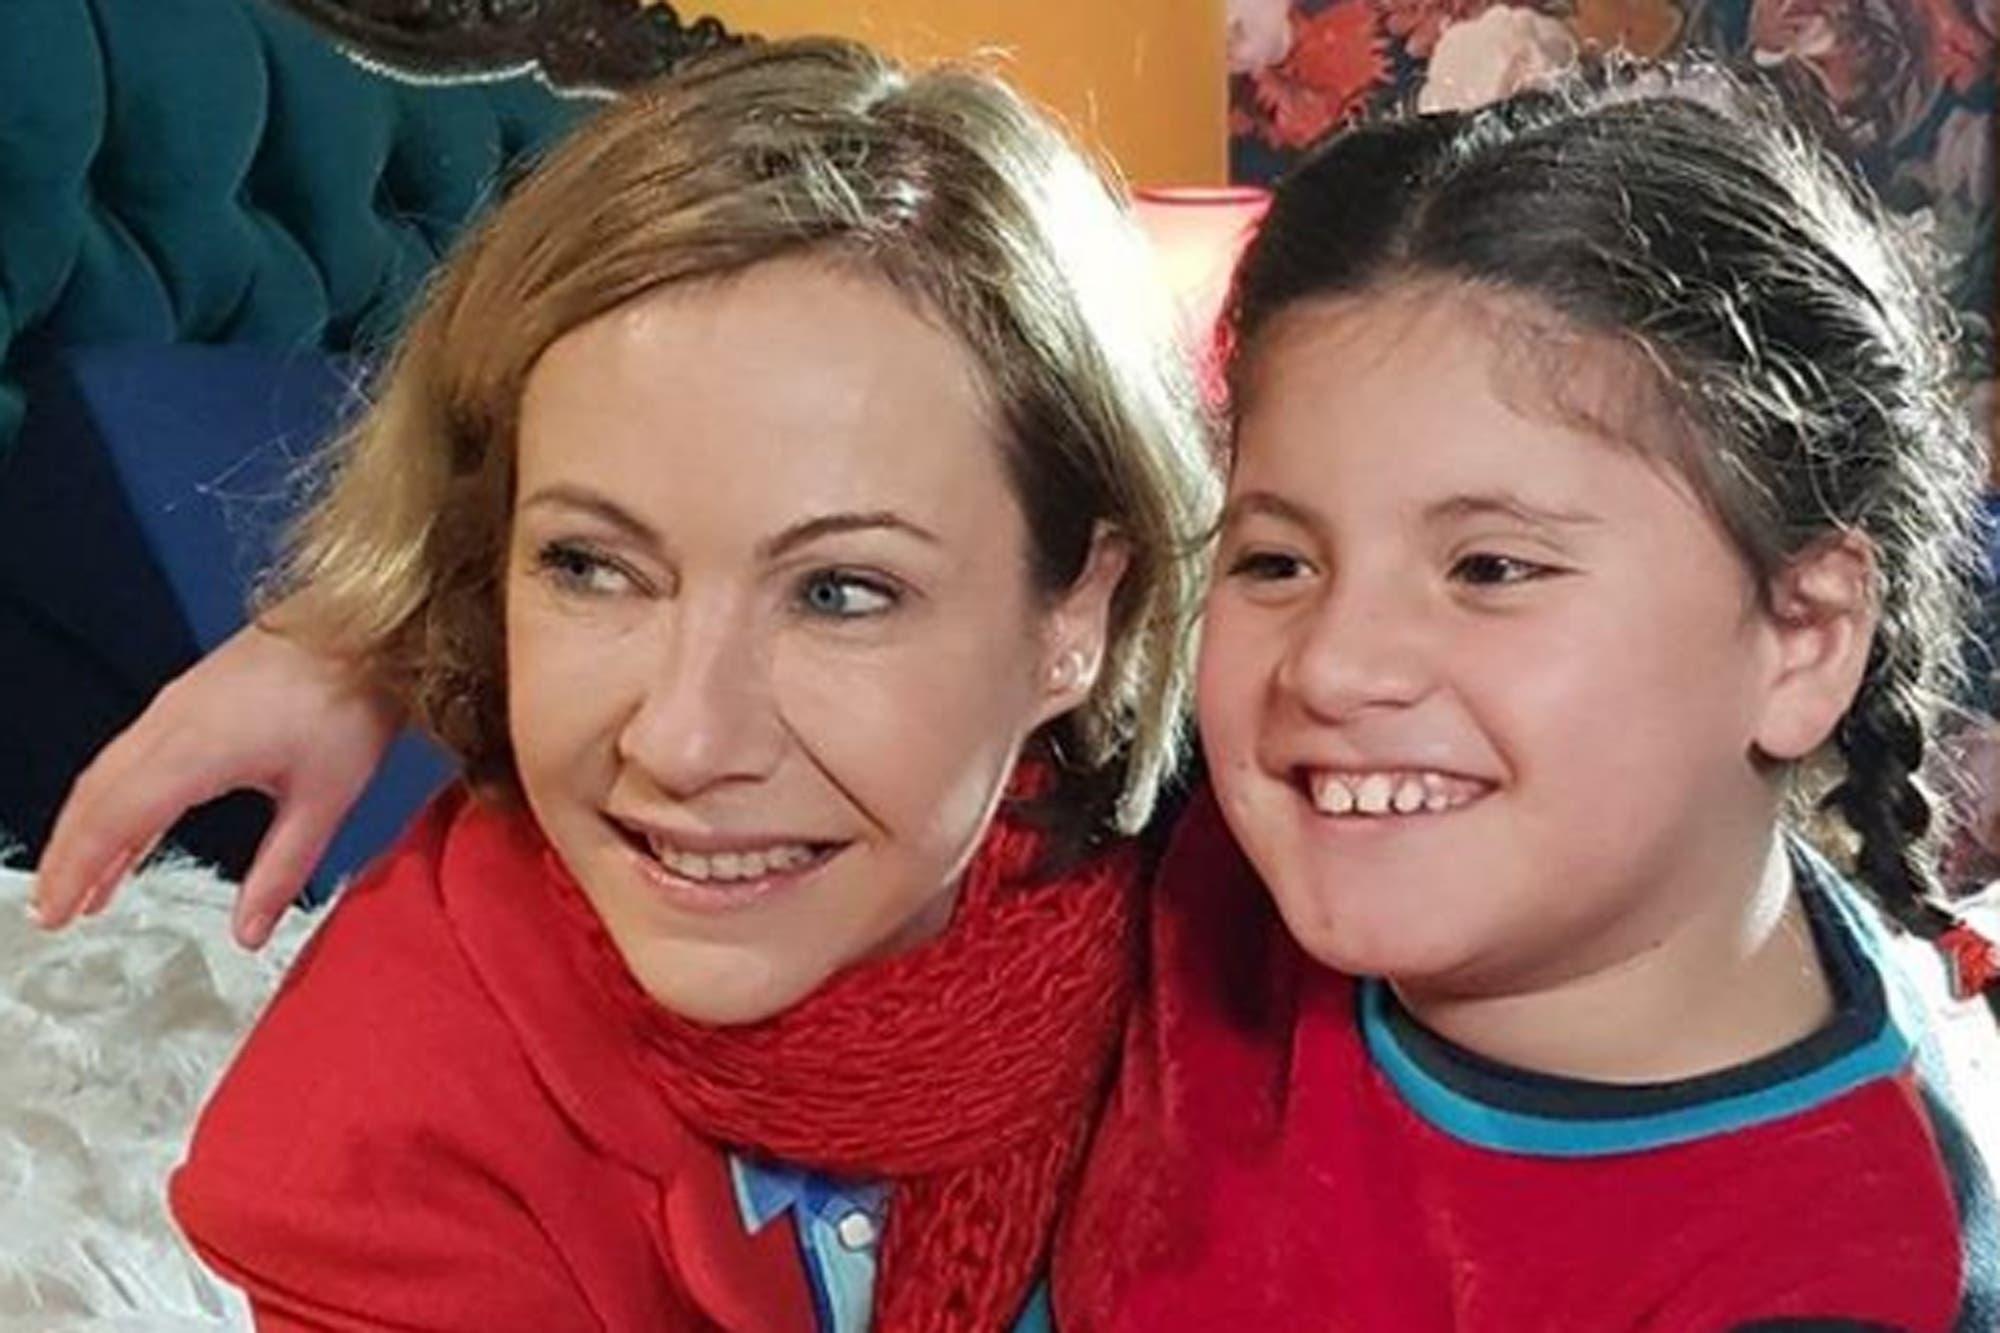 El emotivo saludo de Inés Estévez a su hija Vida en su cumpleaños